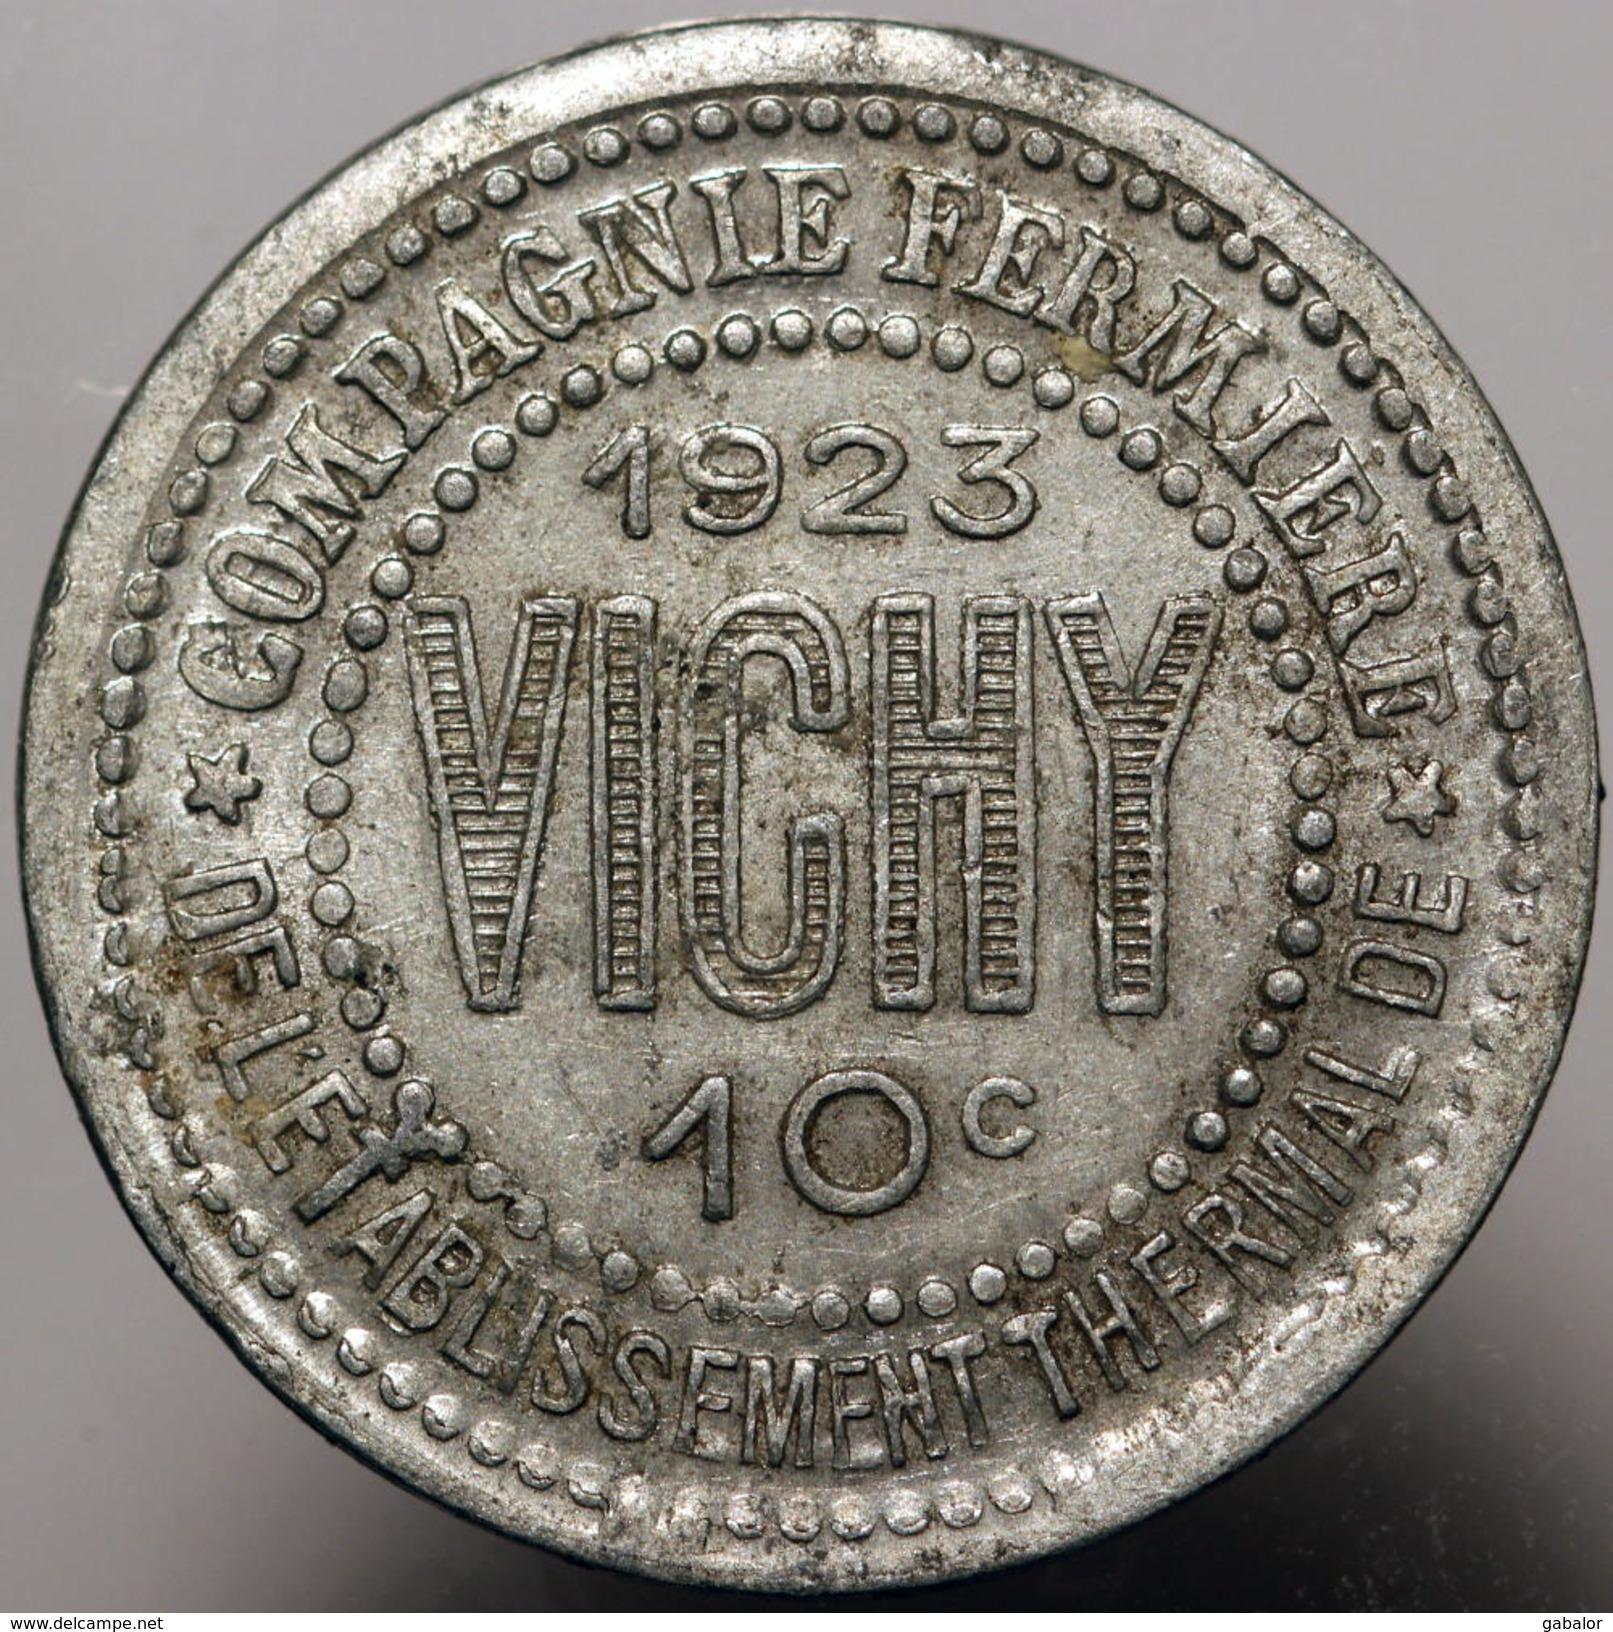 Vichy, Compagnie Fermière De L'Etablissement Thermal, 10 Centimes, 1923 - Monétaires / De Nécessité